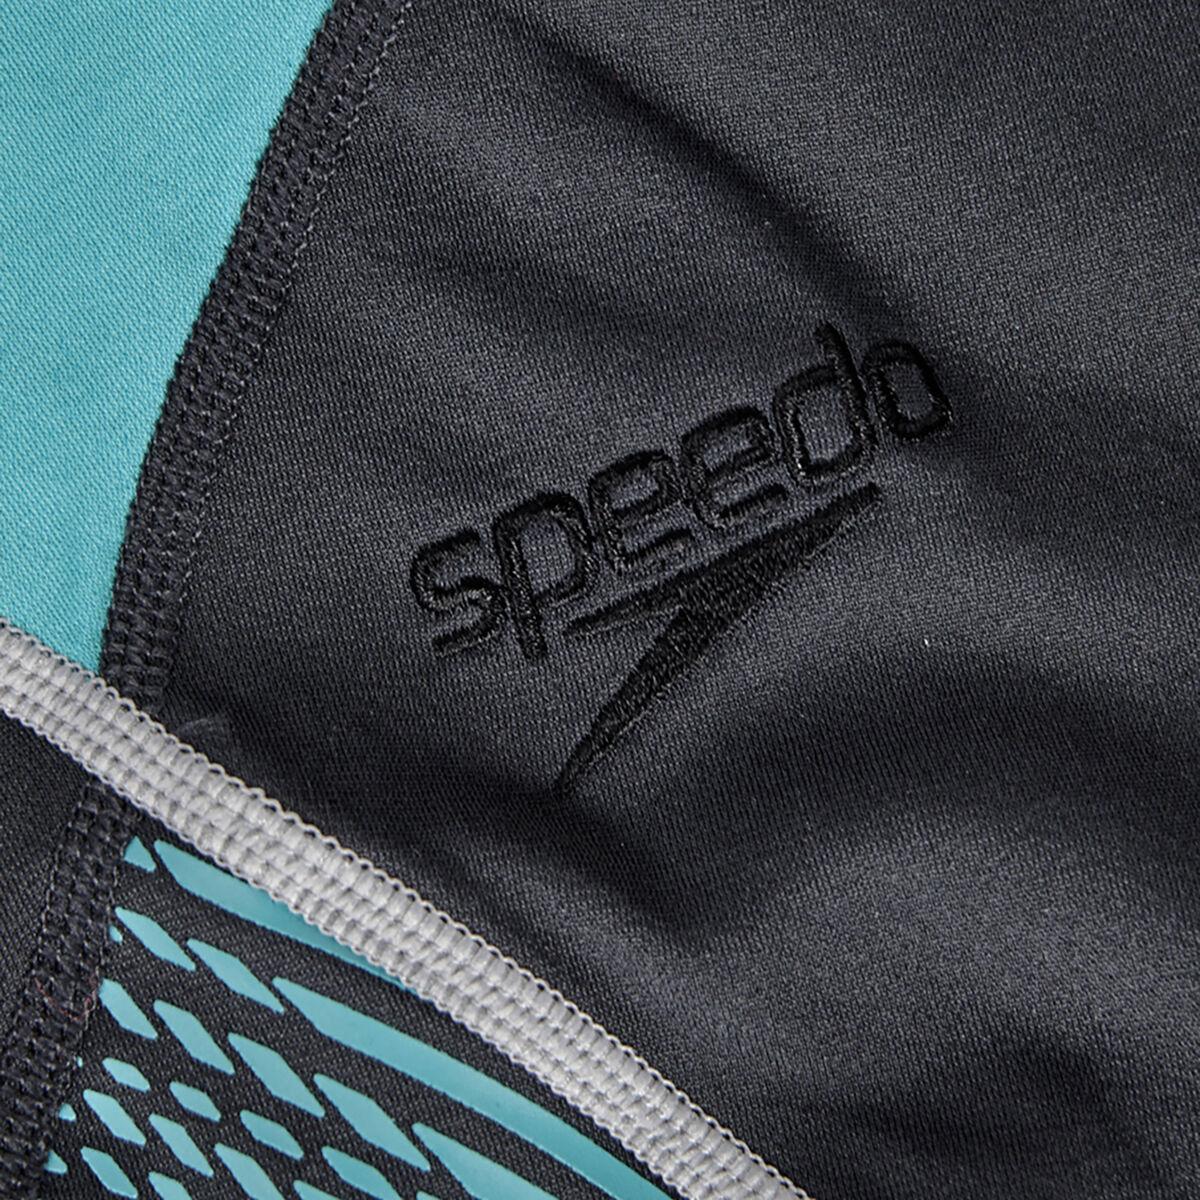 Speedo Fit Panel Aquashort